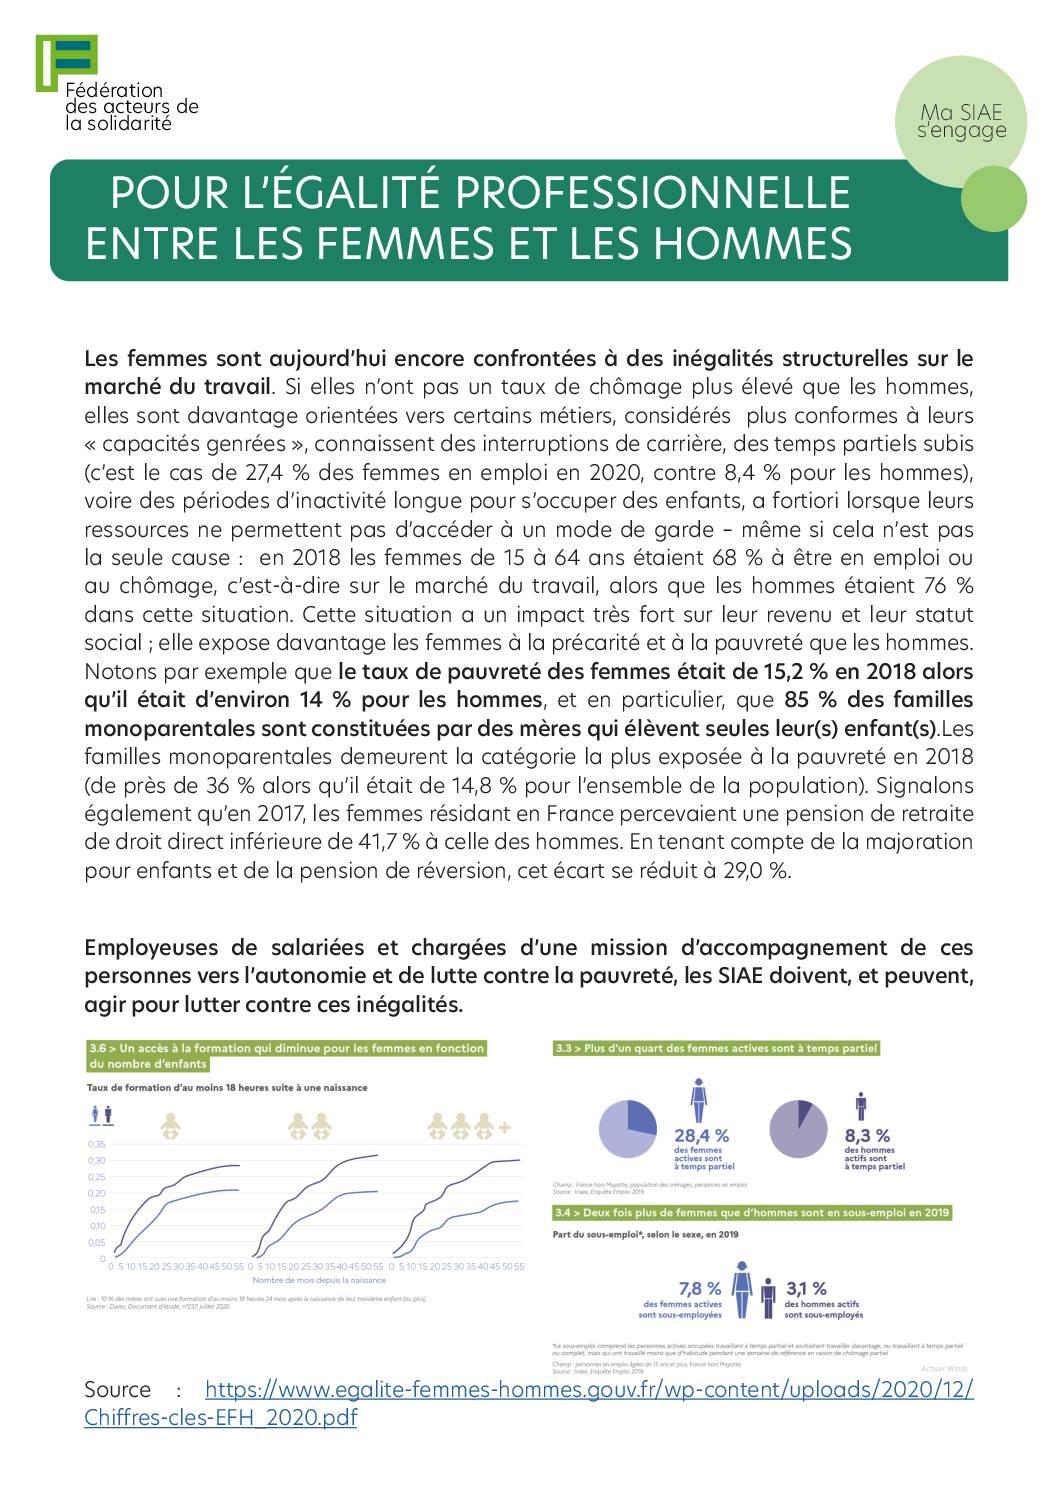 Fiche pratique FAS - Pour l'égalité professionnelle entre les femmes et les hommes